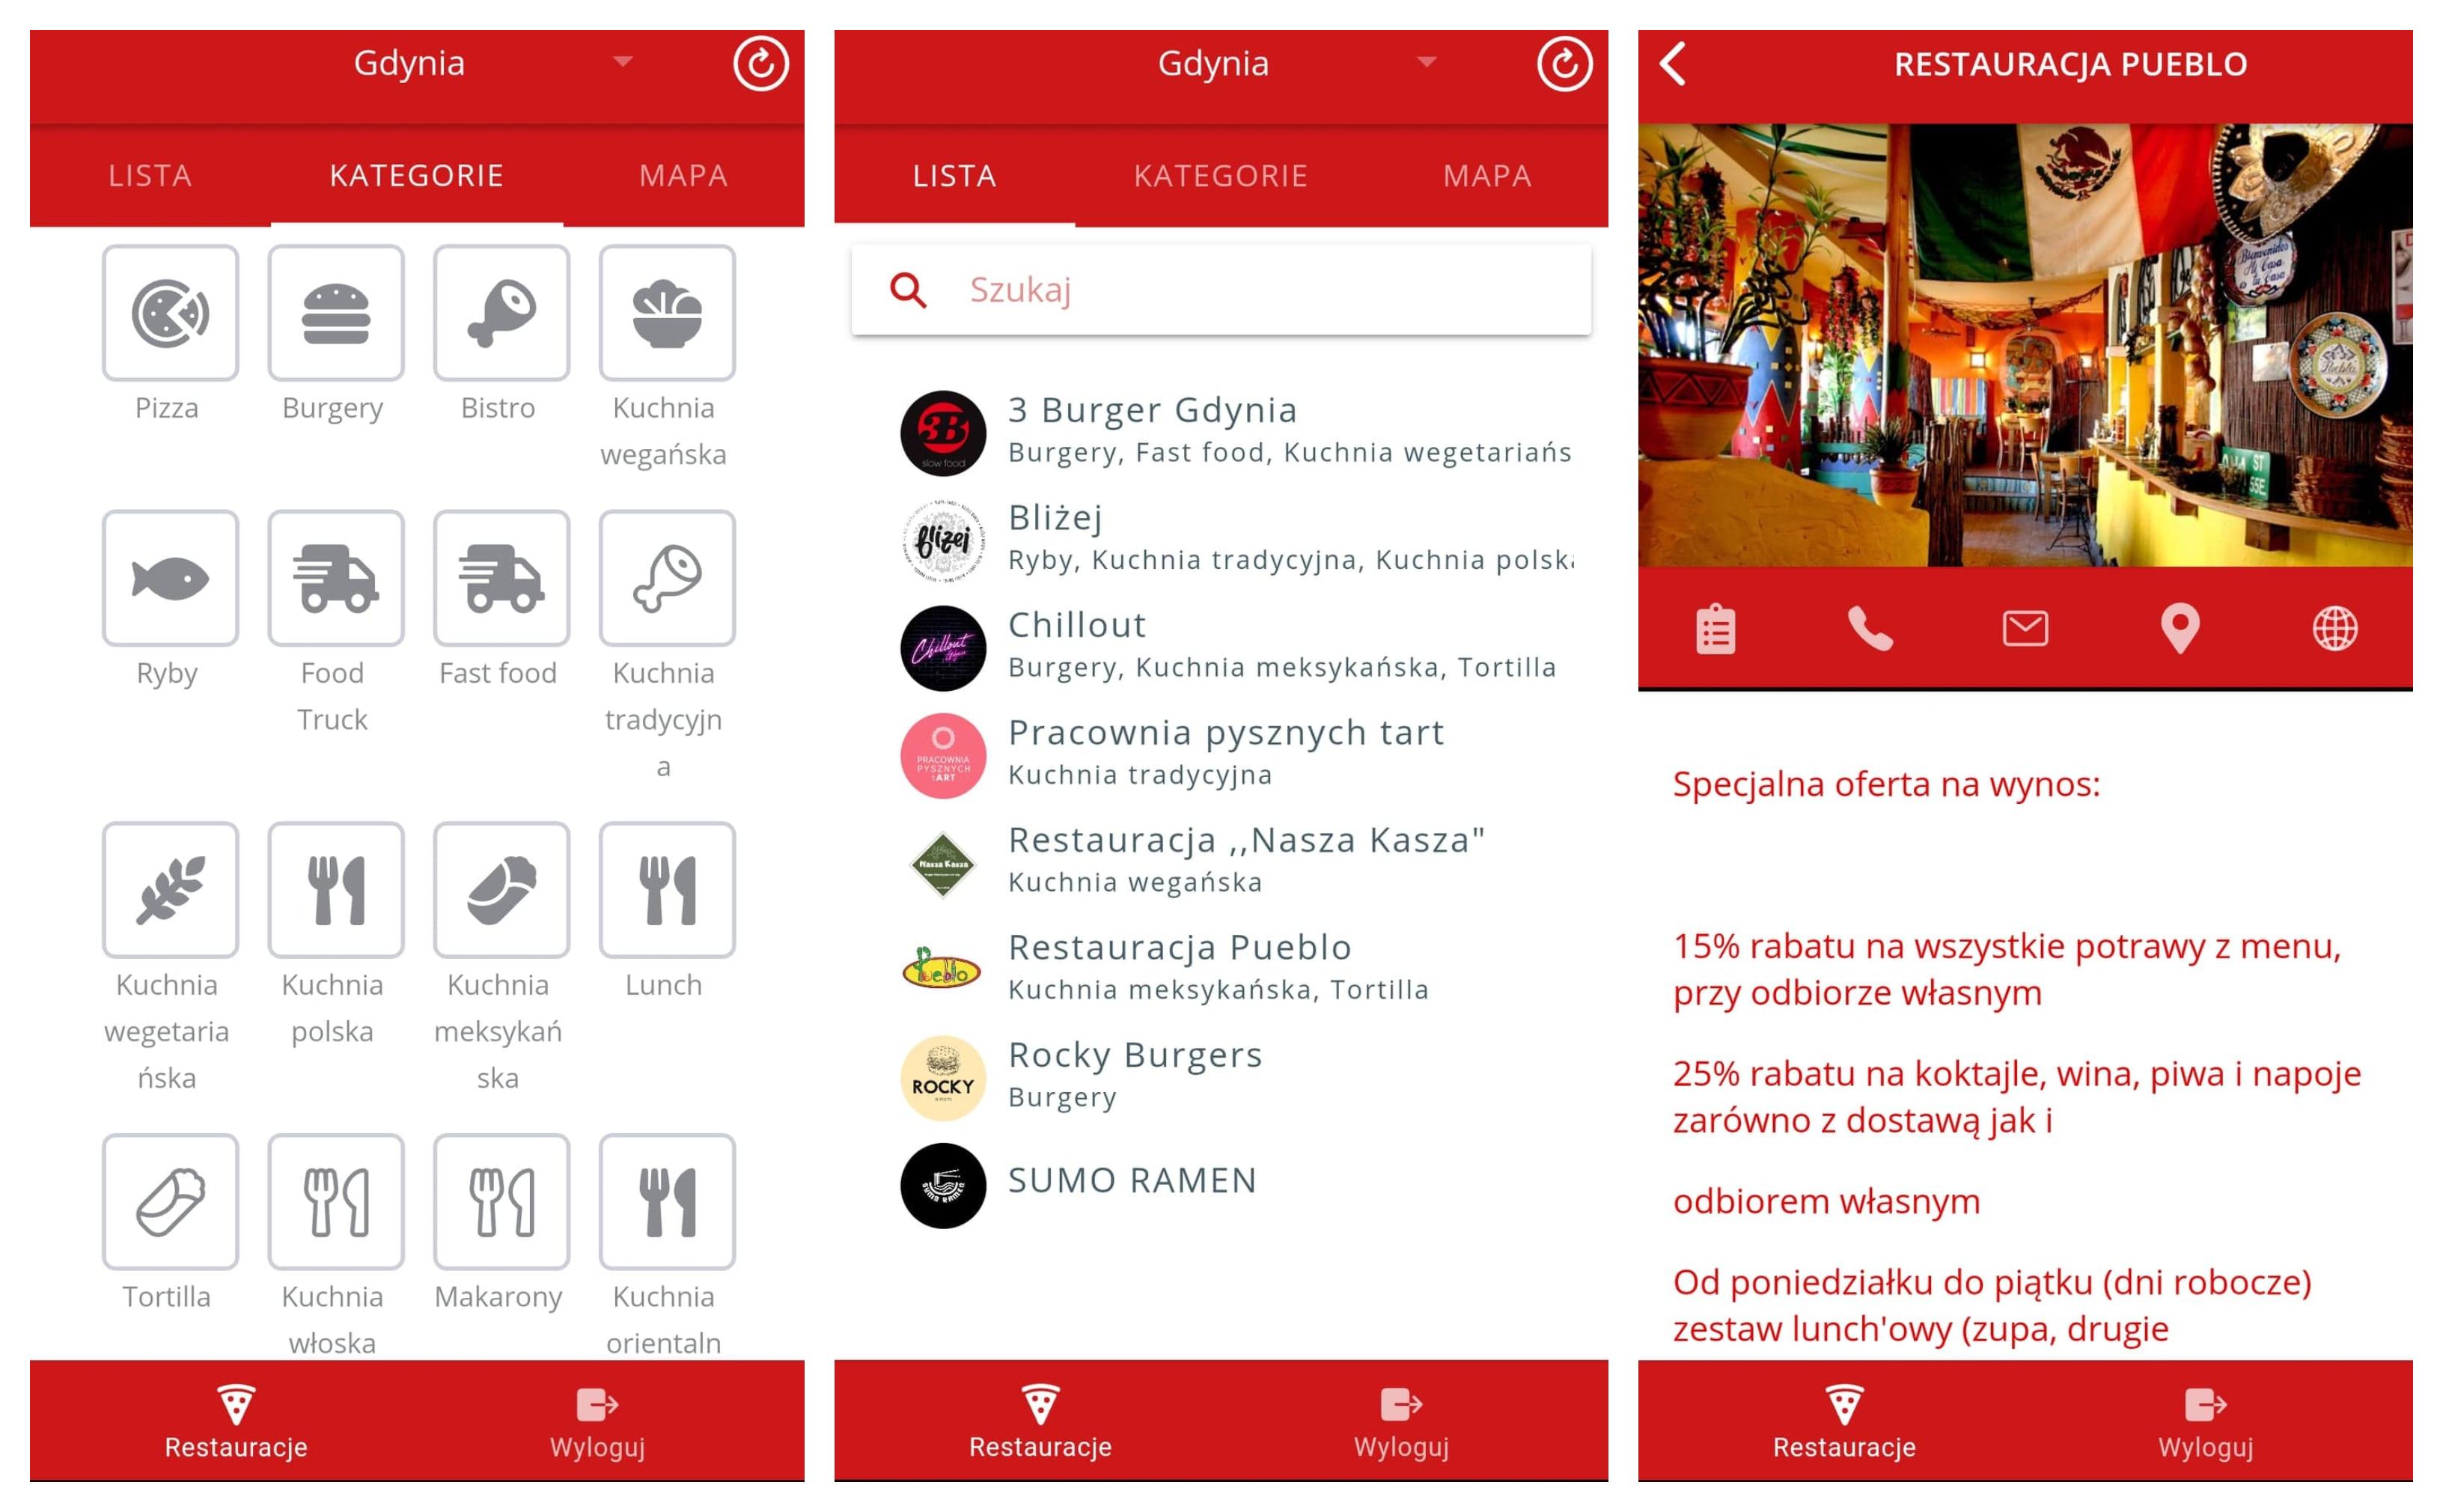 Kolaz zdjęć, trzy zrzuty ekranu aplikacji HelpEat.